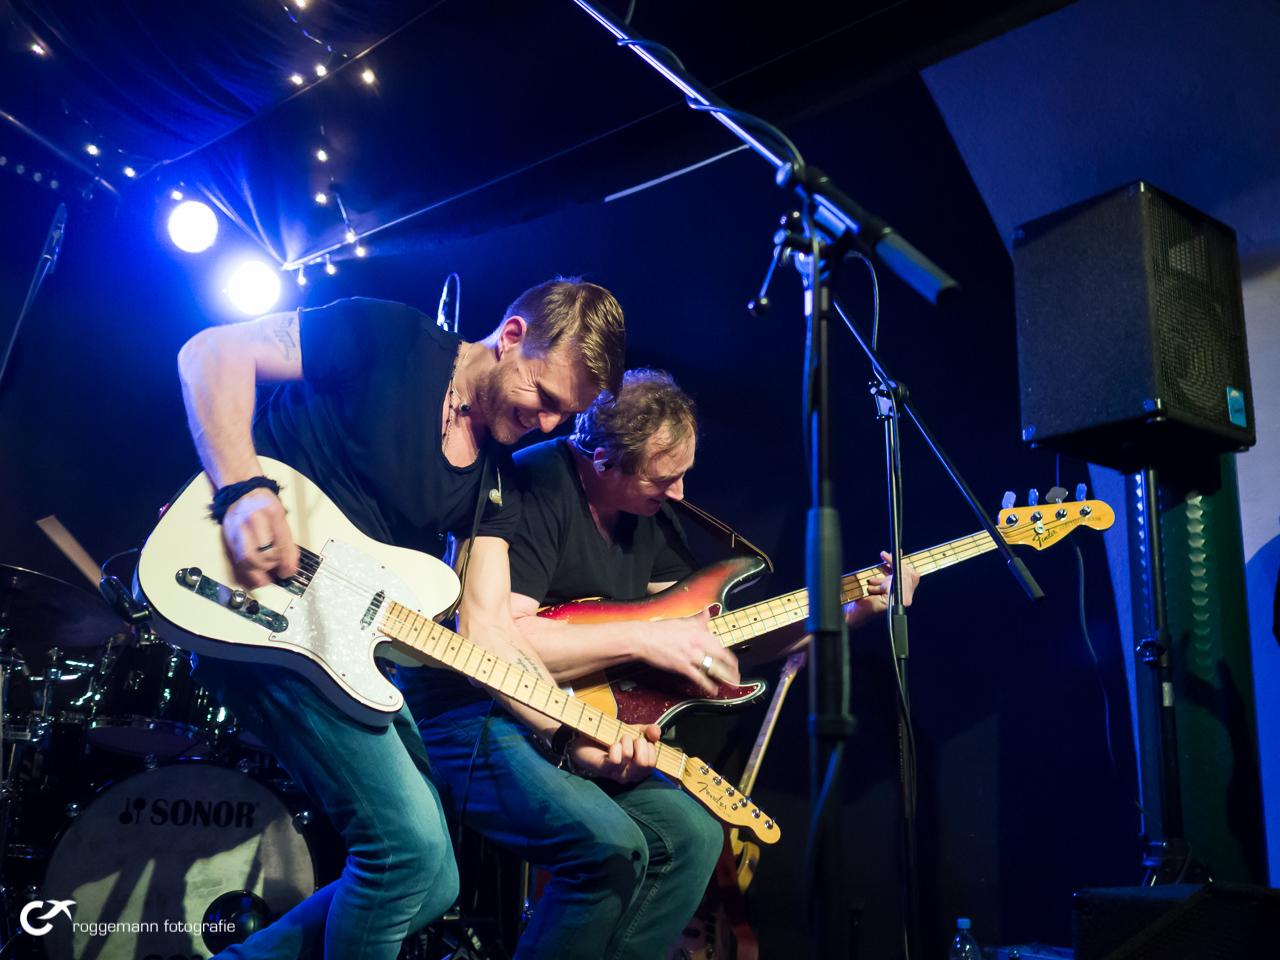 Ben Poole auf der Bühne im Konzertfoto